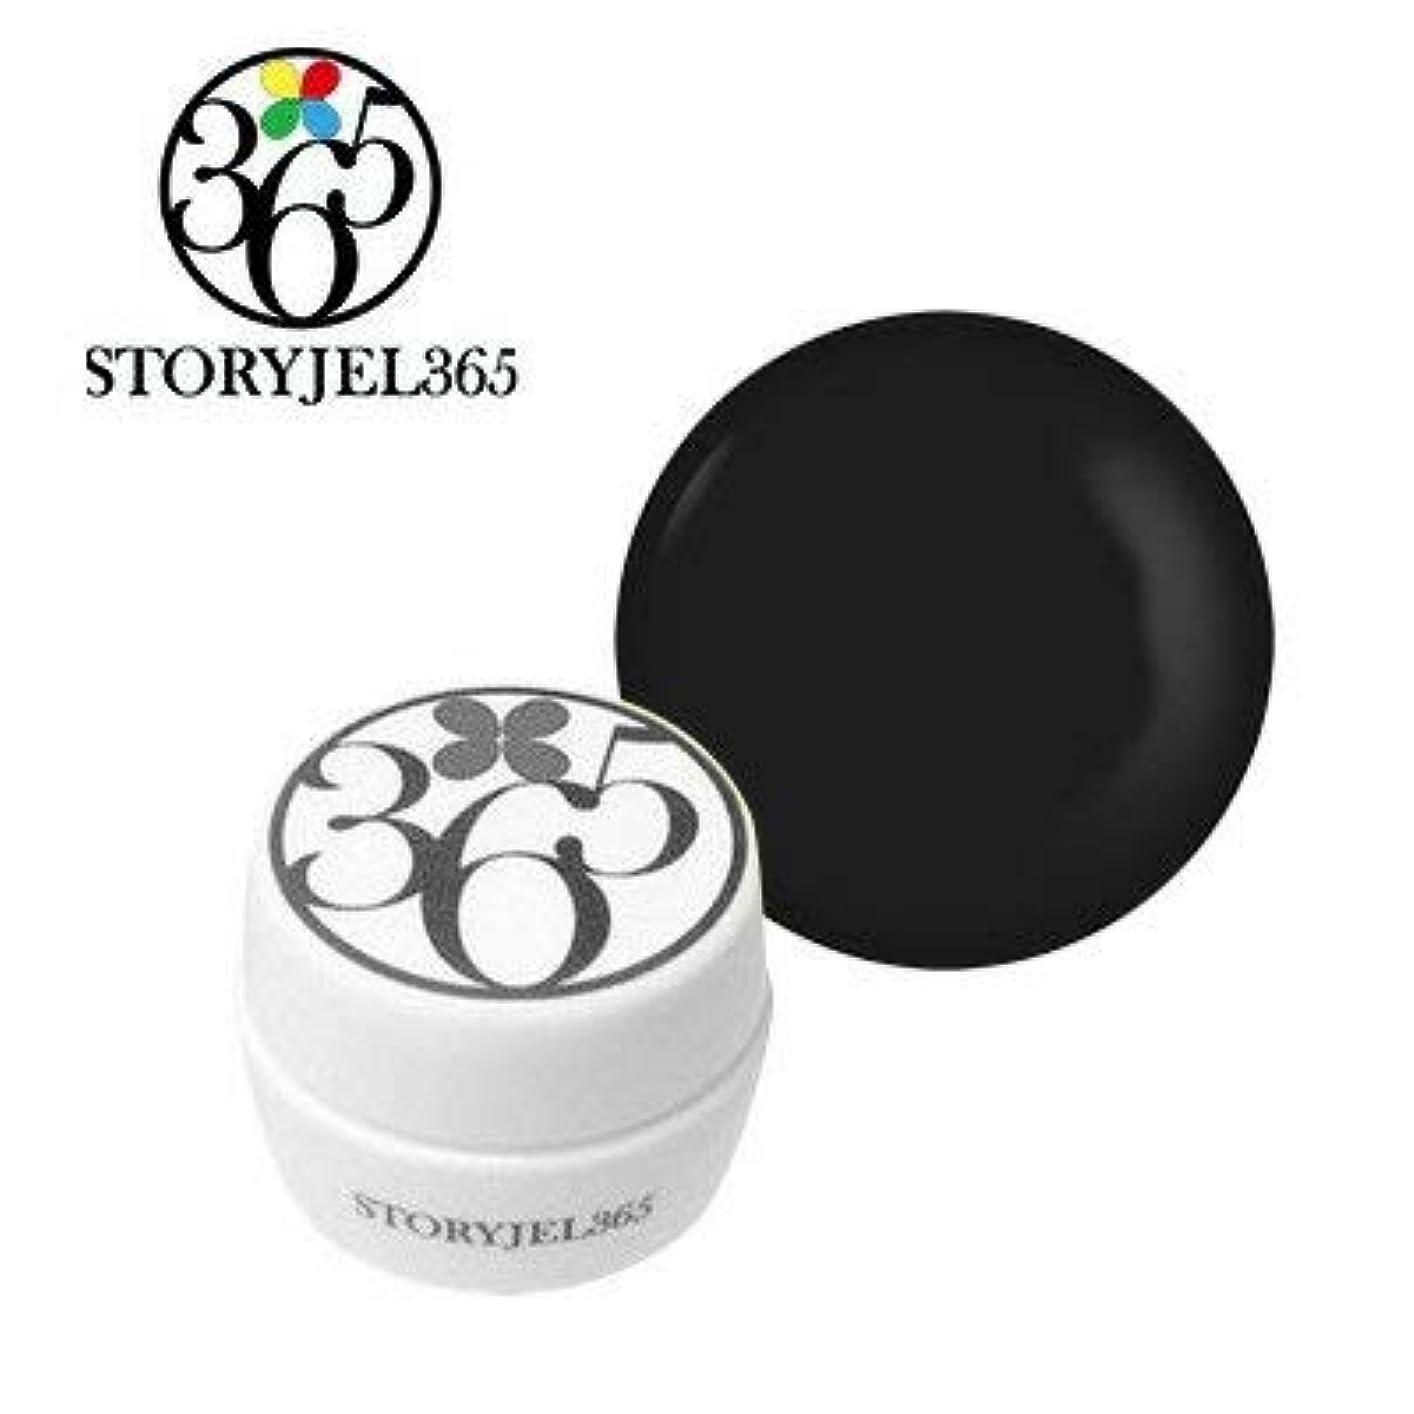 フレット着るバッテリーSTORYJEL365 カラージェル 5g (ストーリージェル) SJS-301M-D 聖なる石